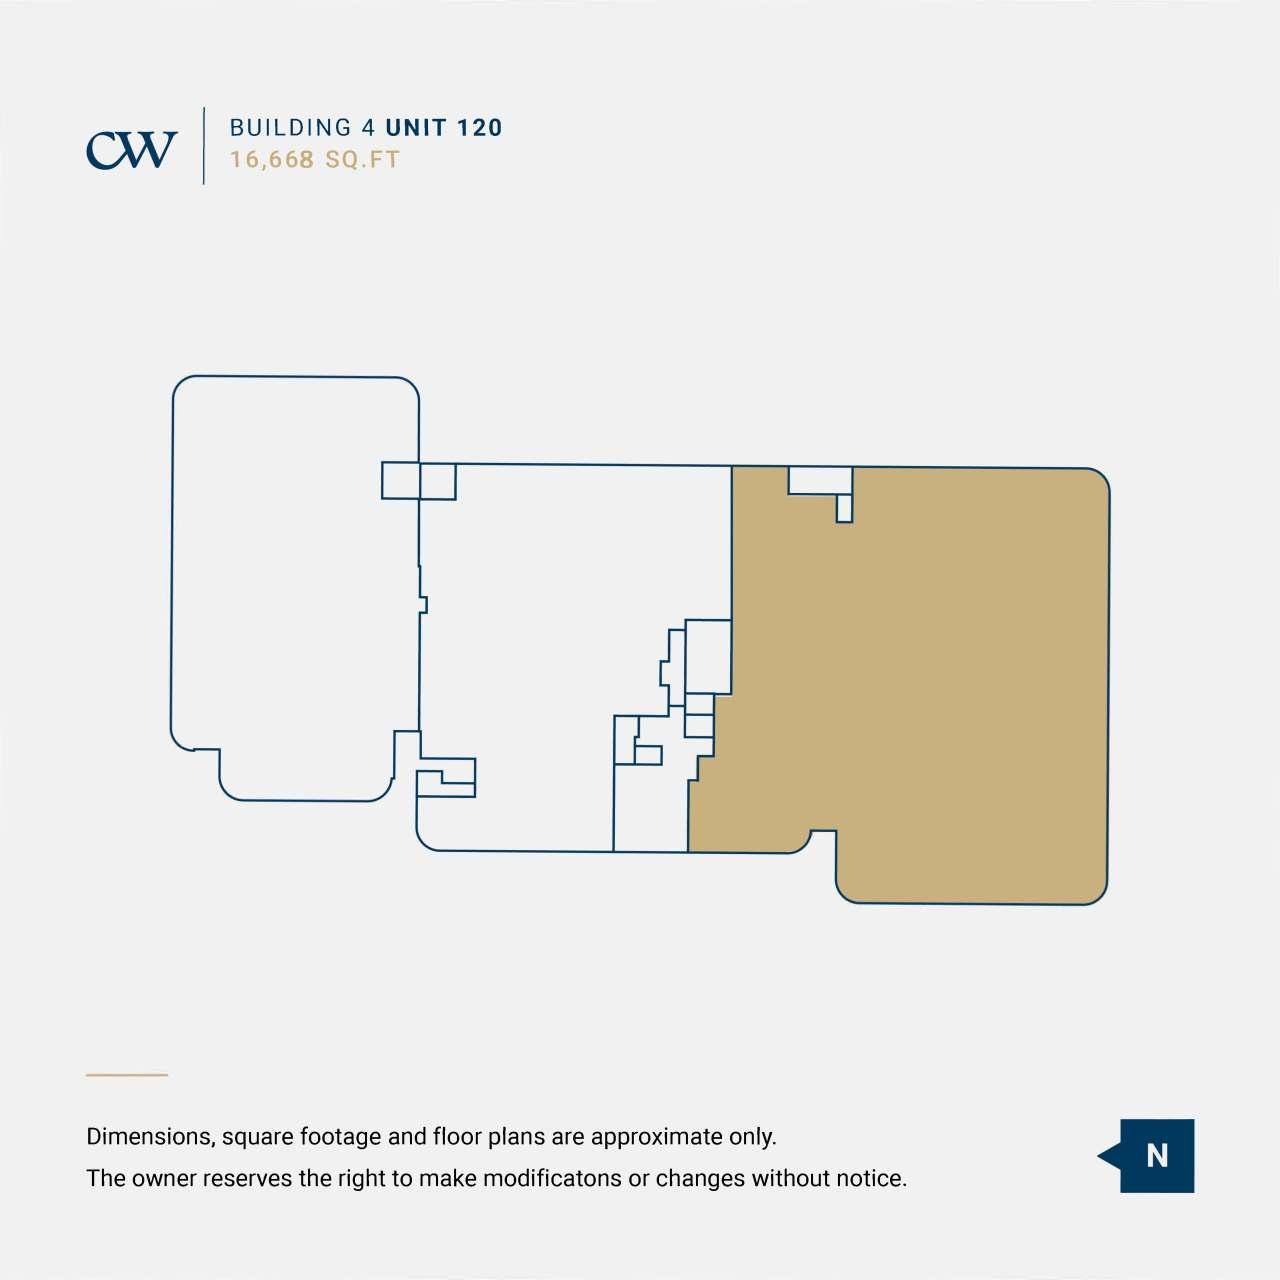 https://i2.wp.com/crestwoodcorporatecentre.com/wp-content/uploads/2021/04/Crestwood-Corporate-Centre-Floor-Plans-Building-4_Unit-120.jpg?resize=1280%2C1280&ssl=1